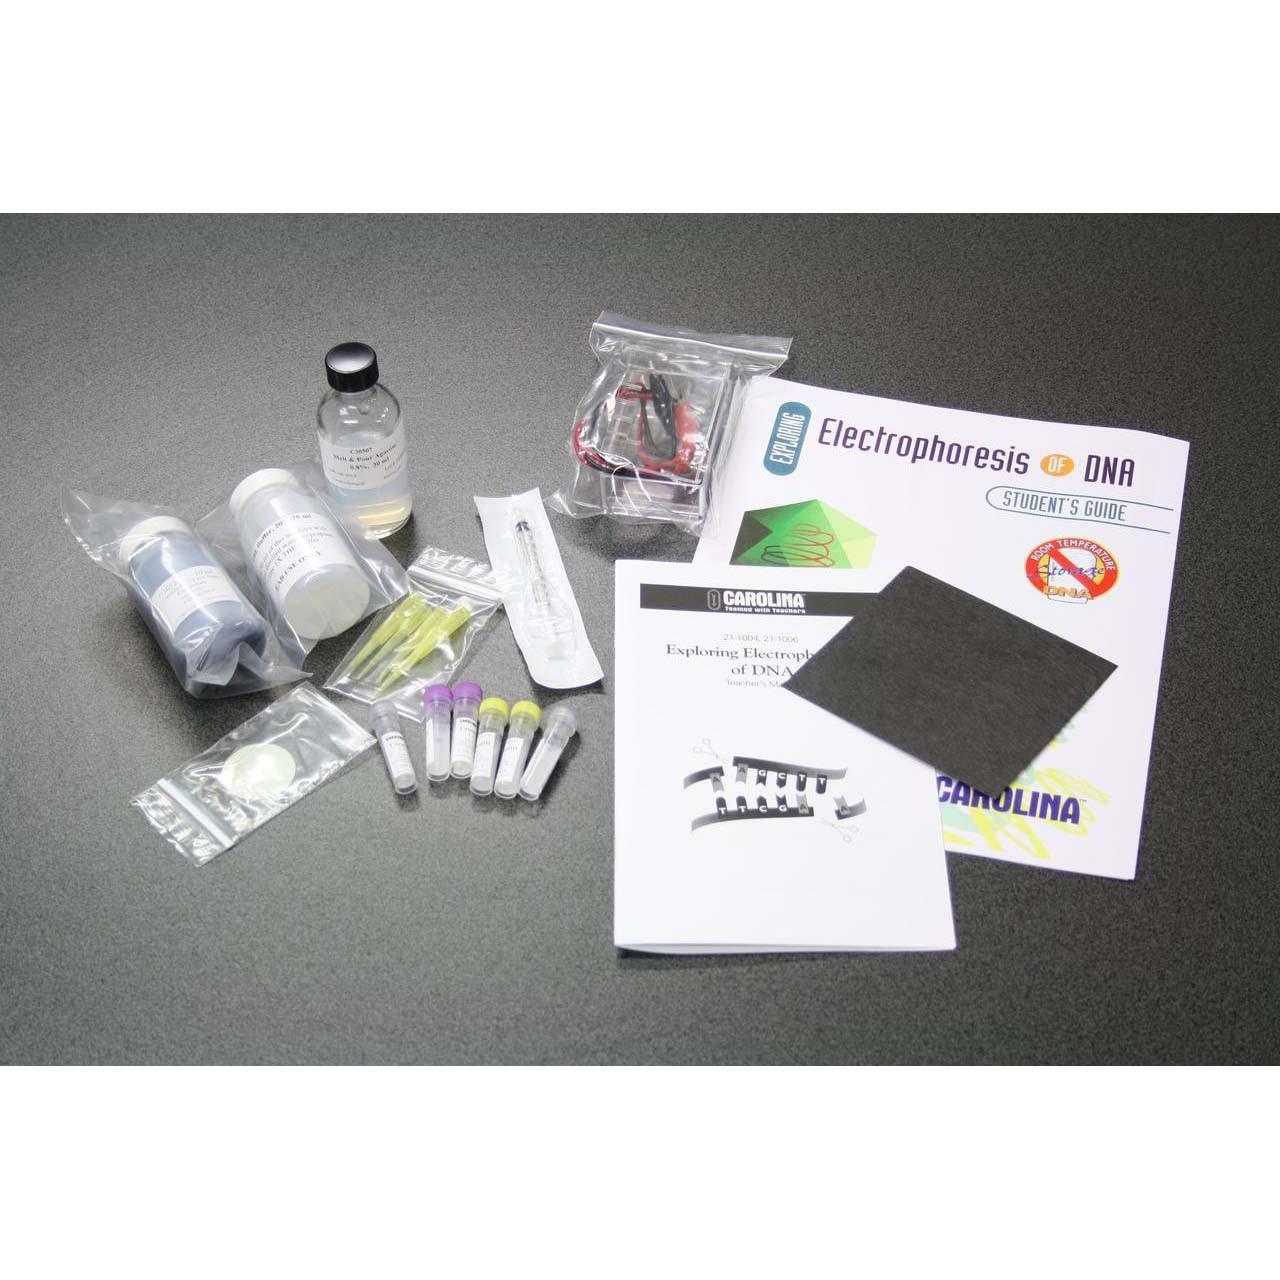 G2.98CK - Exploring Electrophoresis of DNA, classroom kit